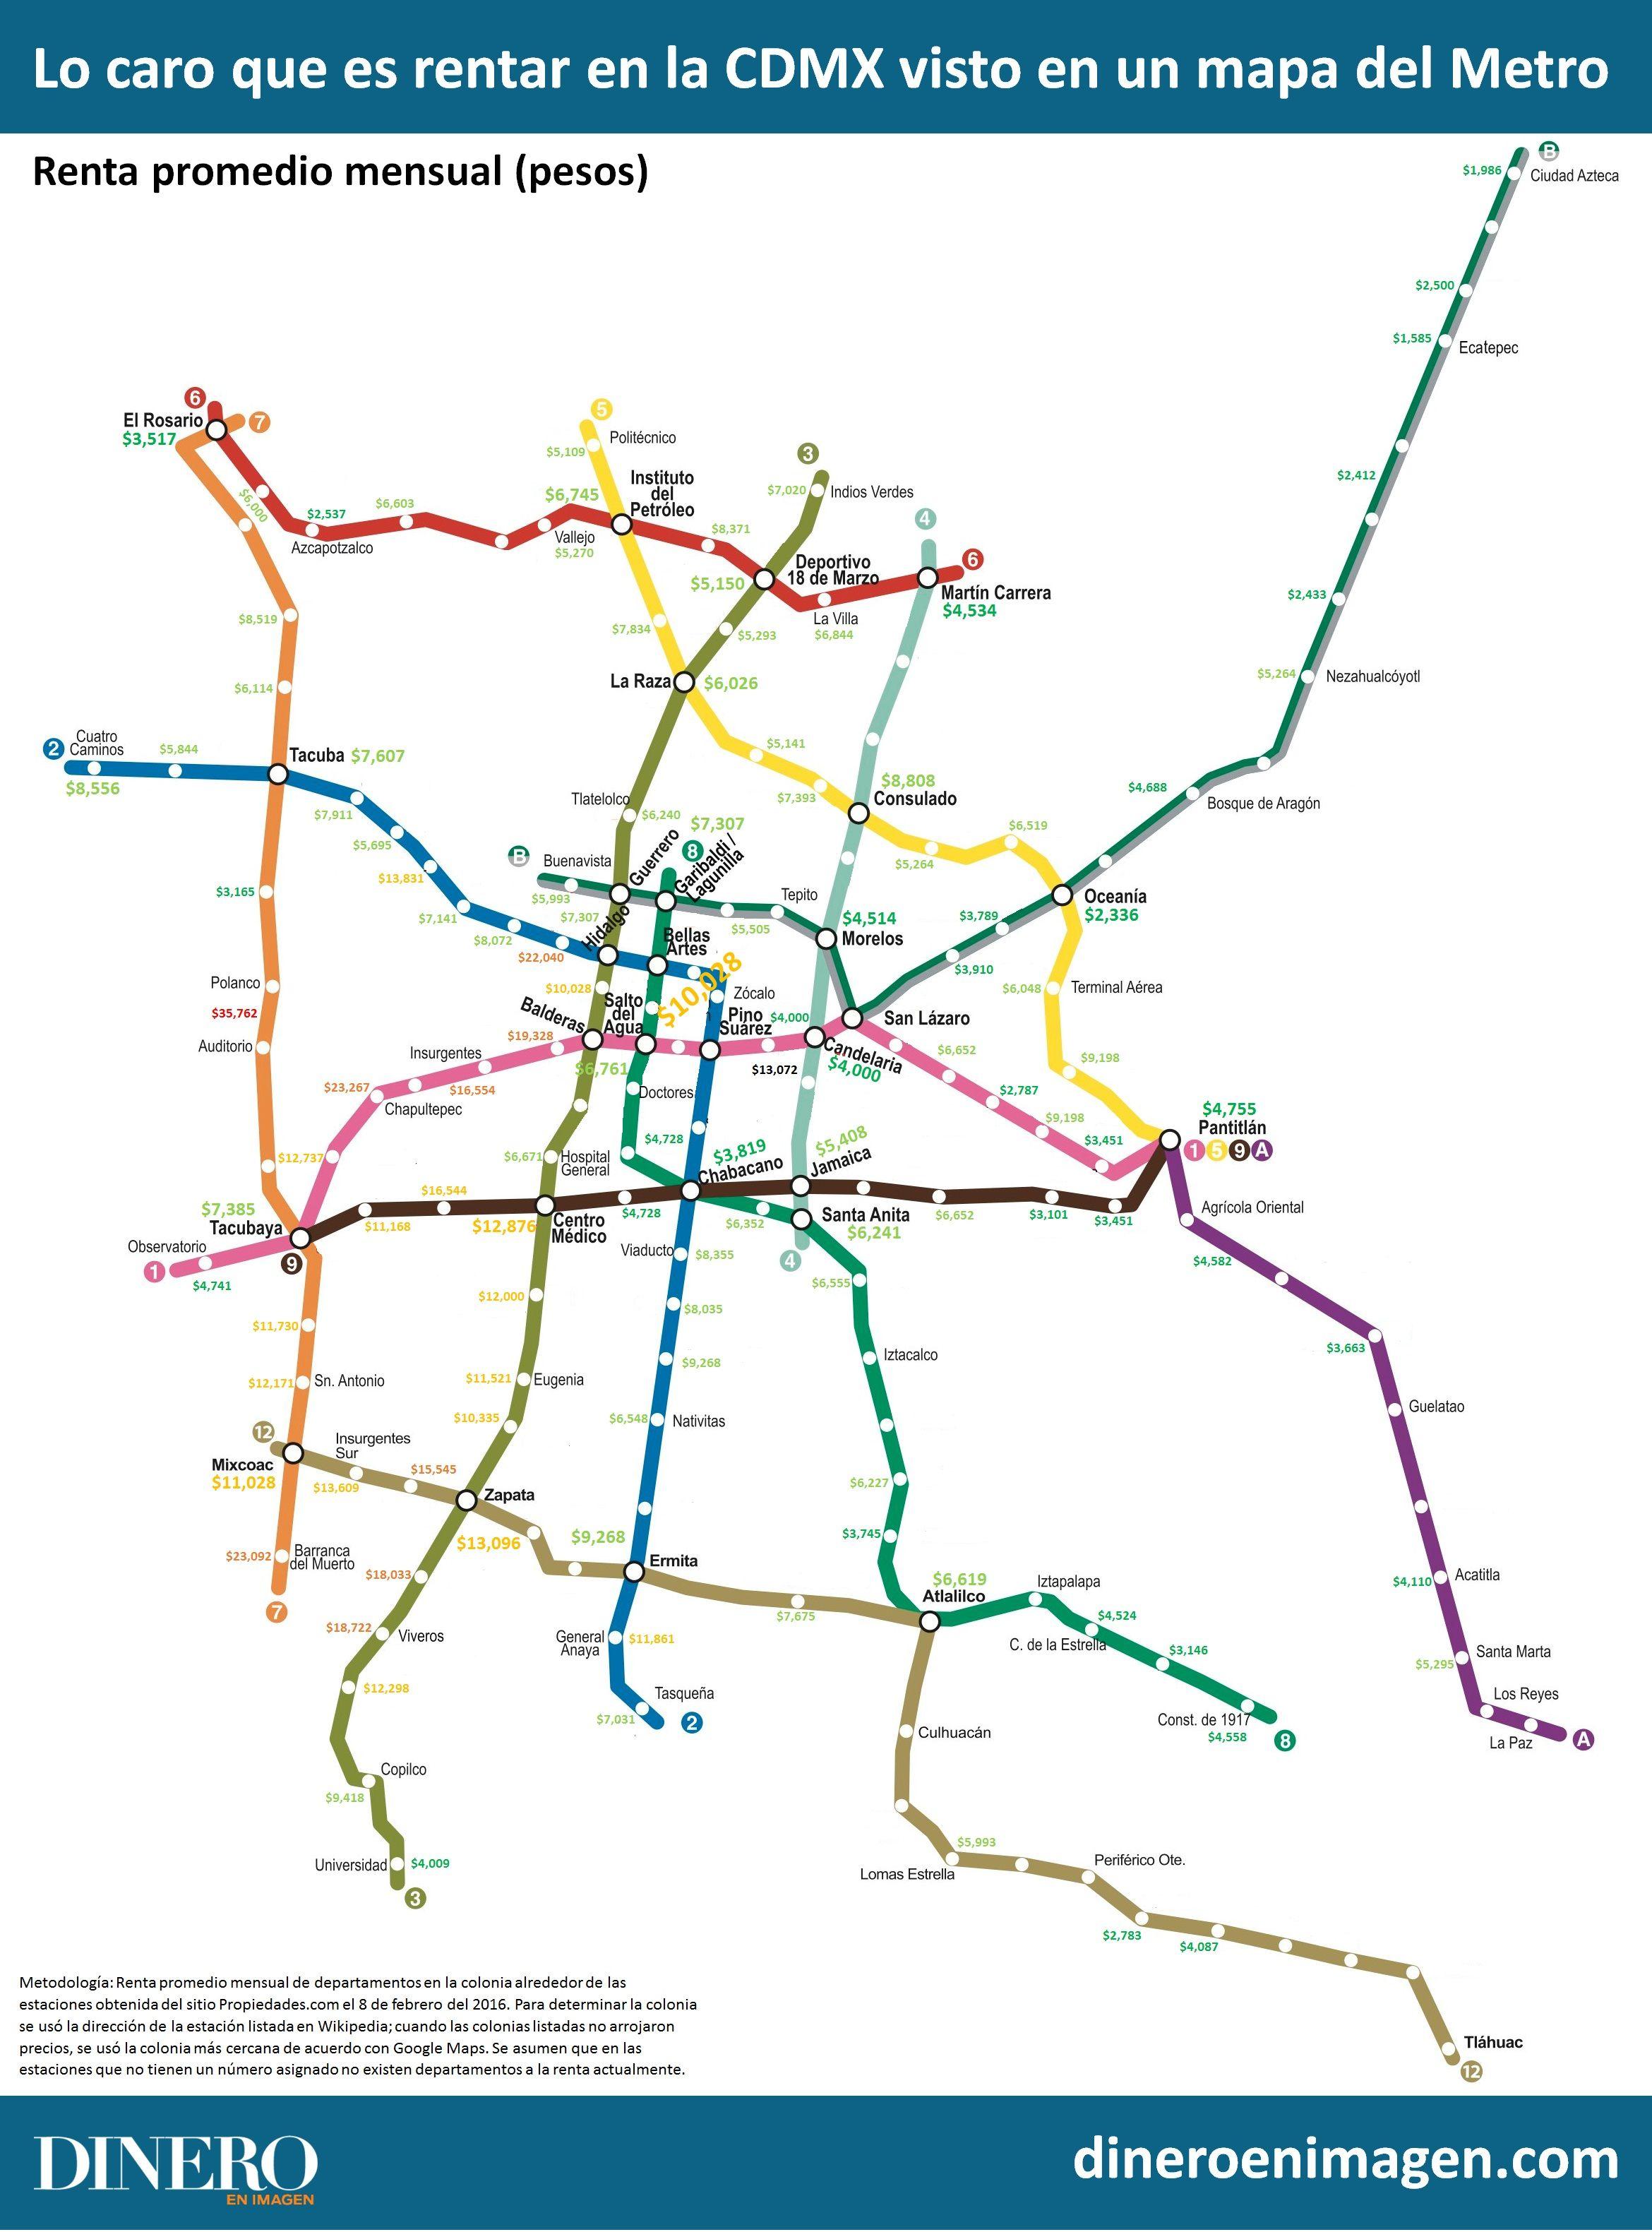 Lo caro que es rentar en la CDMX visto en un mapa del Metro